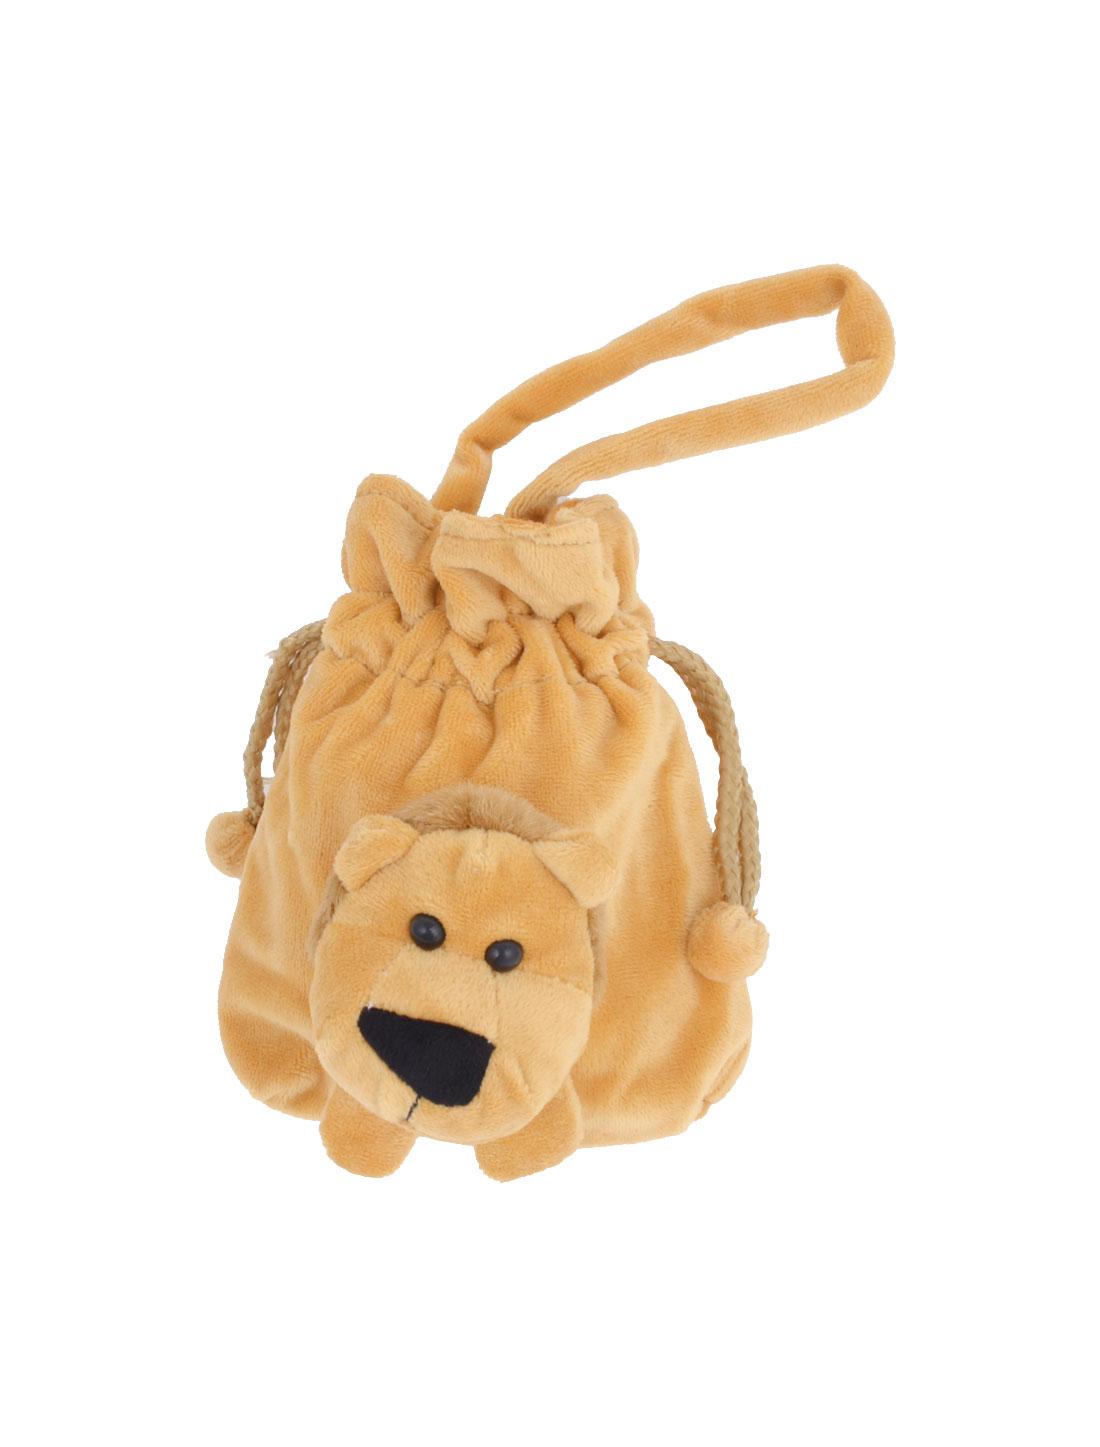 Woman Lion Decor Drawstring Closure Brown Plush Coin Bag Purse